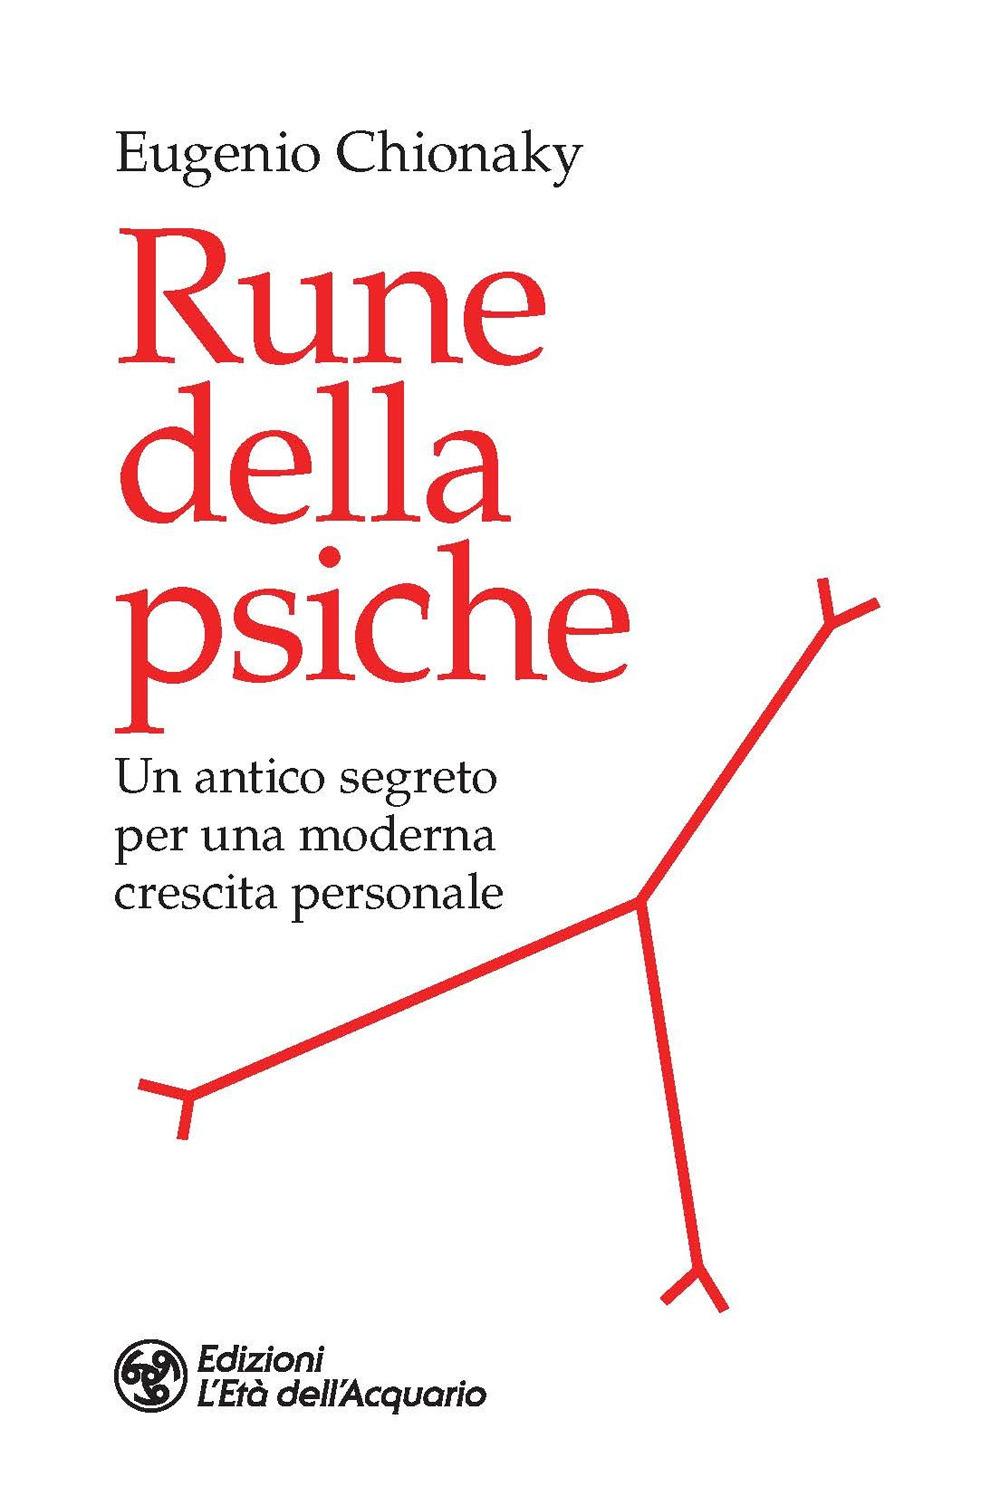 RUNE DELLA PSICHE. UN ANTICO SEGRETO PER UNA MODERNA CRESCITA PERSONALE - Chionaky Eugenio - 9788833362816